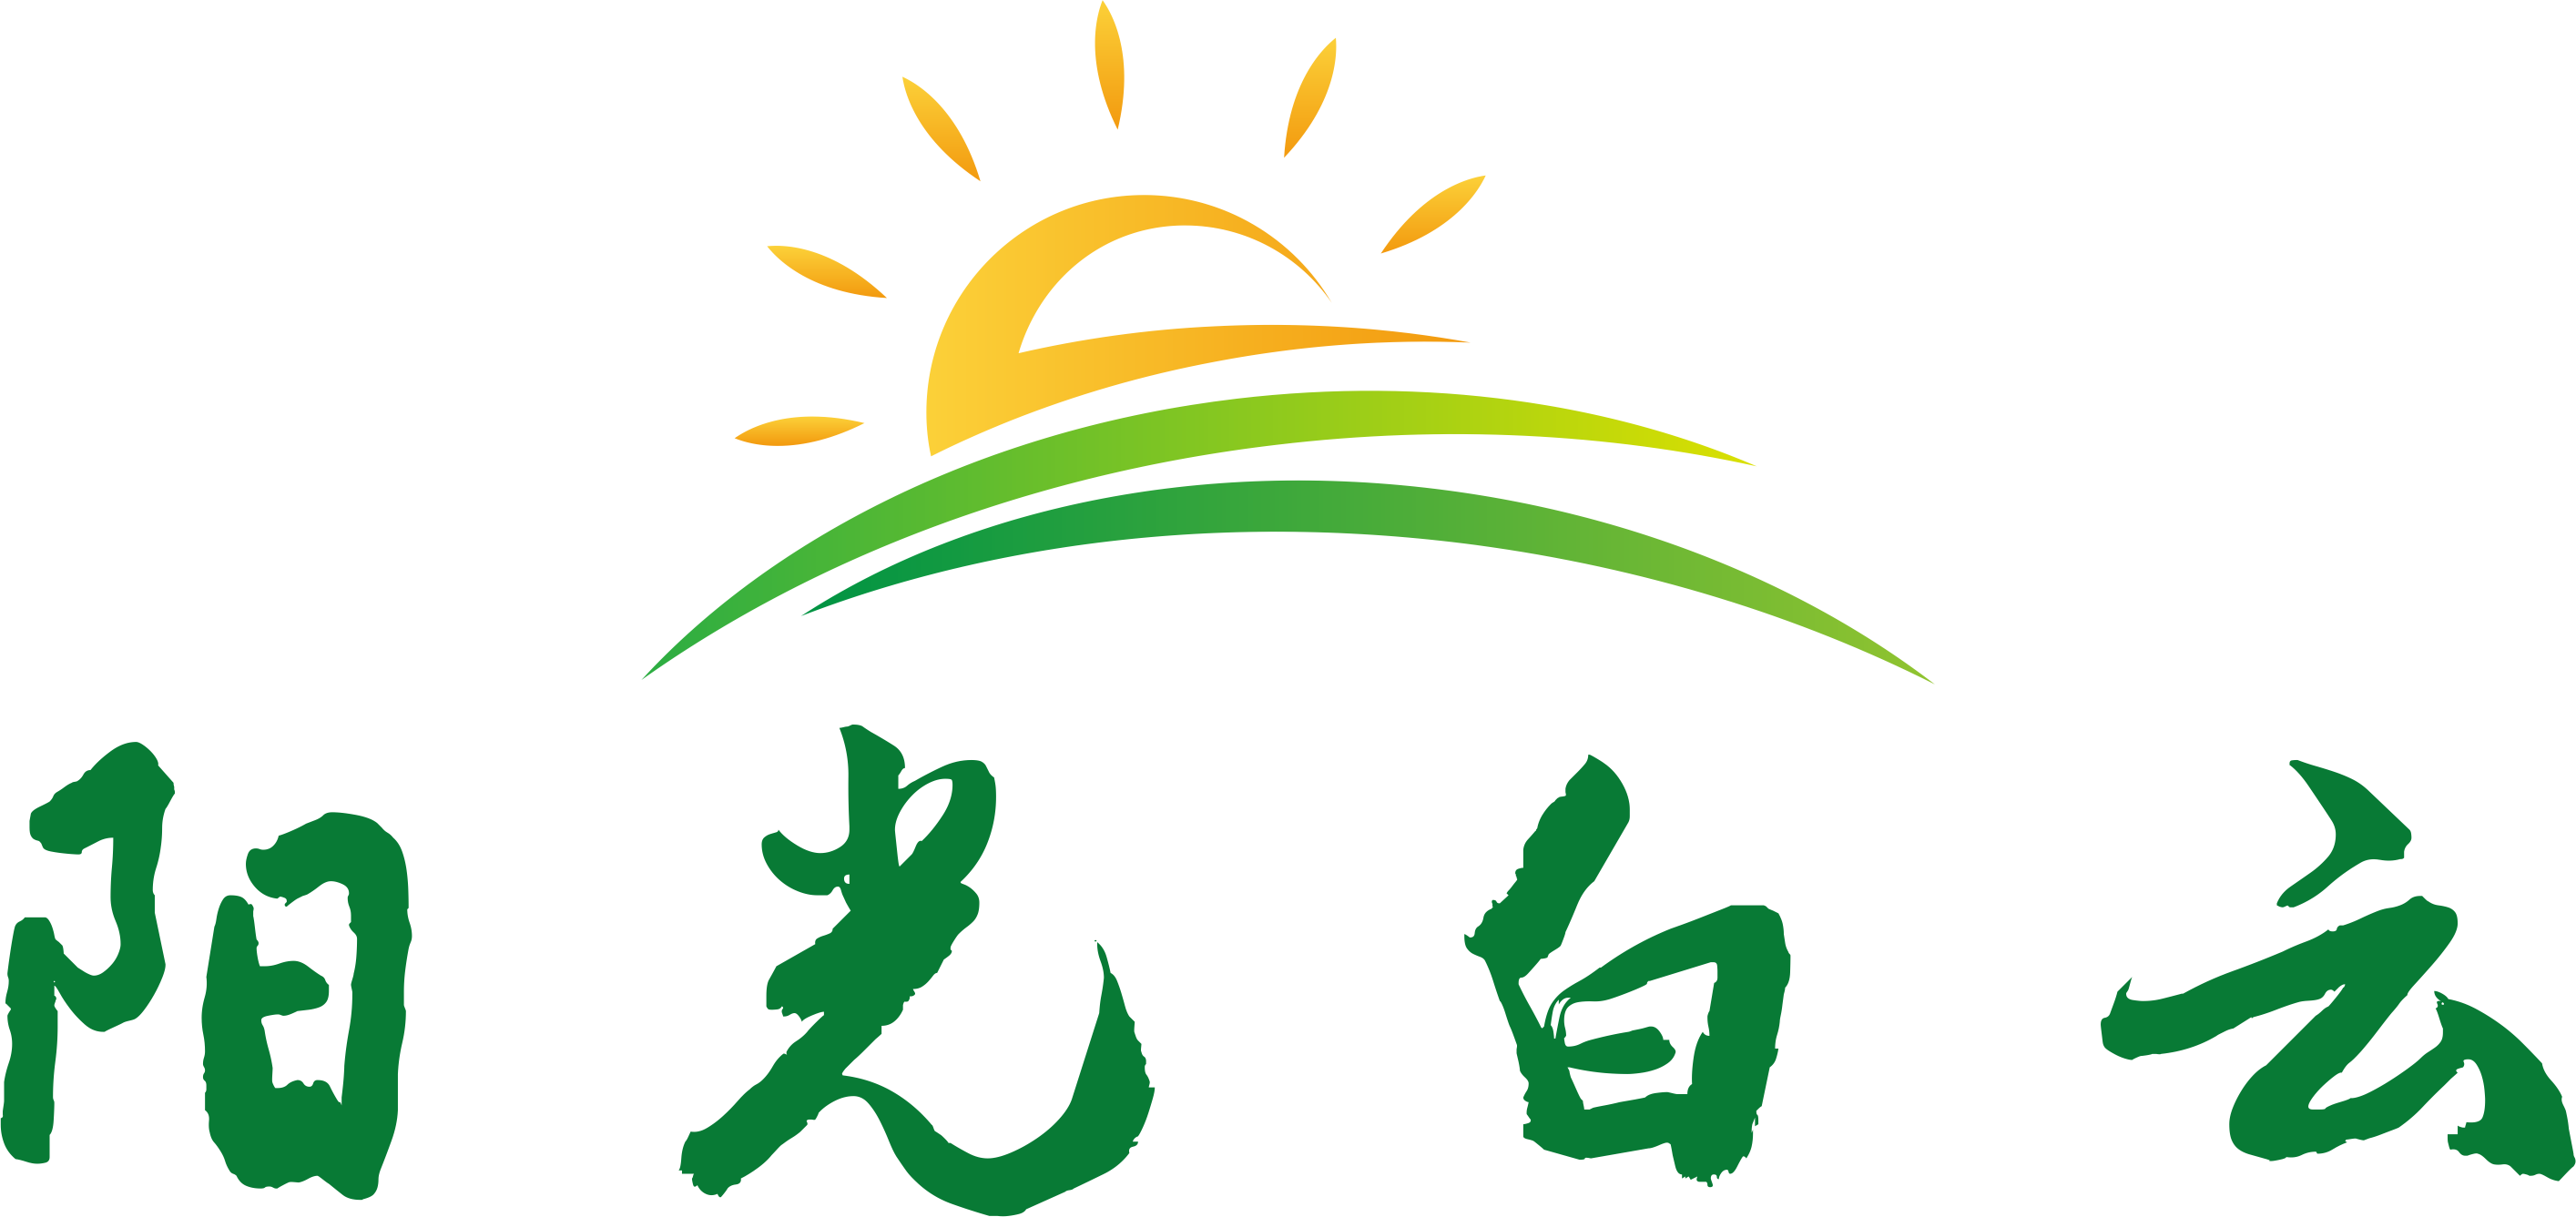 logo logo 标志 设计 矢量 矢量图 素材 图标 2829_1337